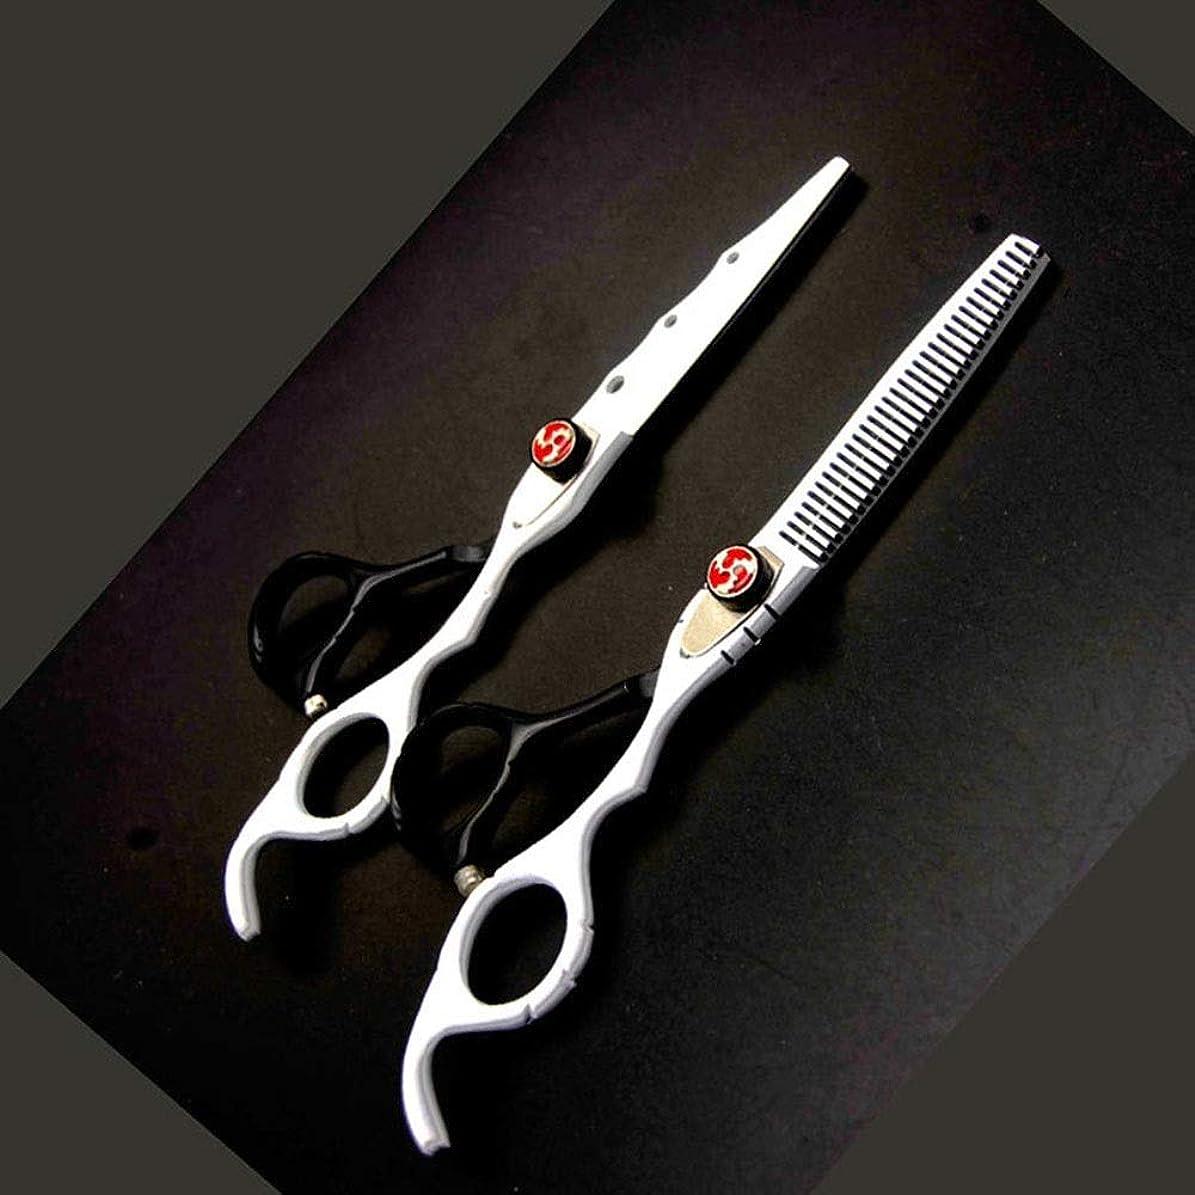 Aikemi kasur 6インチヘアカットはさみセットマルチカラーセレクション理髪はさみ (色 : 黒、白)